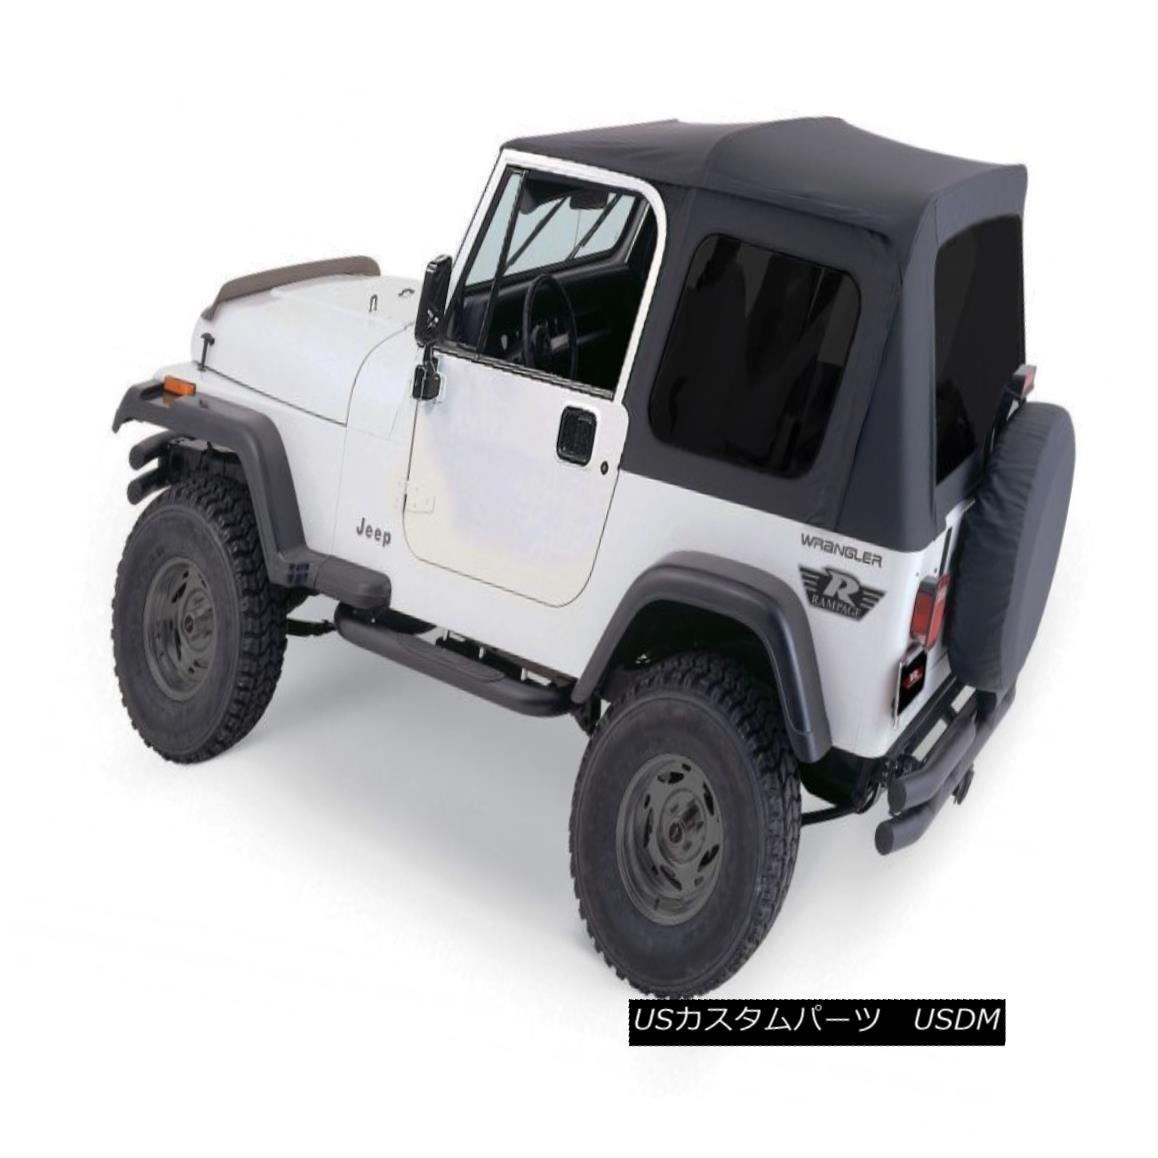 幌・ソフトトップ 1976-1995 Jeep Wrangler & CJ7 Soft Top Kit for Jeeps w/ Full Doors Black Tinted 1976-1995 Jeep Wrangler& ジーンズ用CJ7ソフトトップキットブラック/フルドア